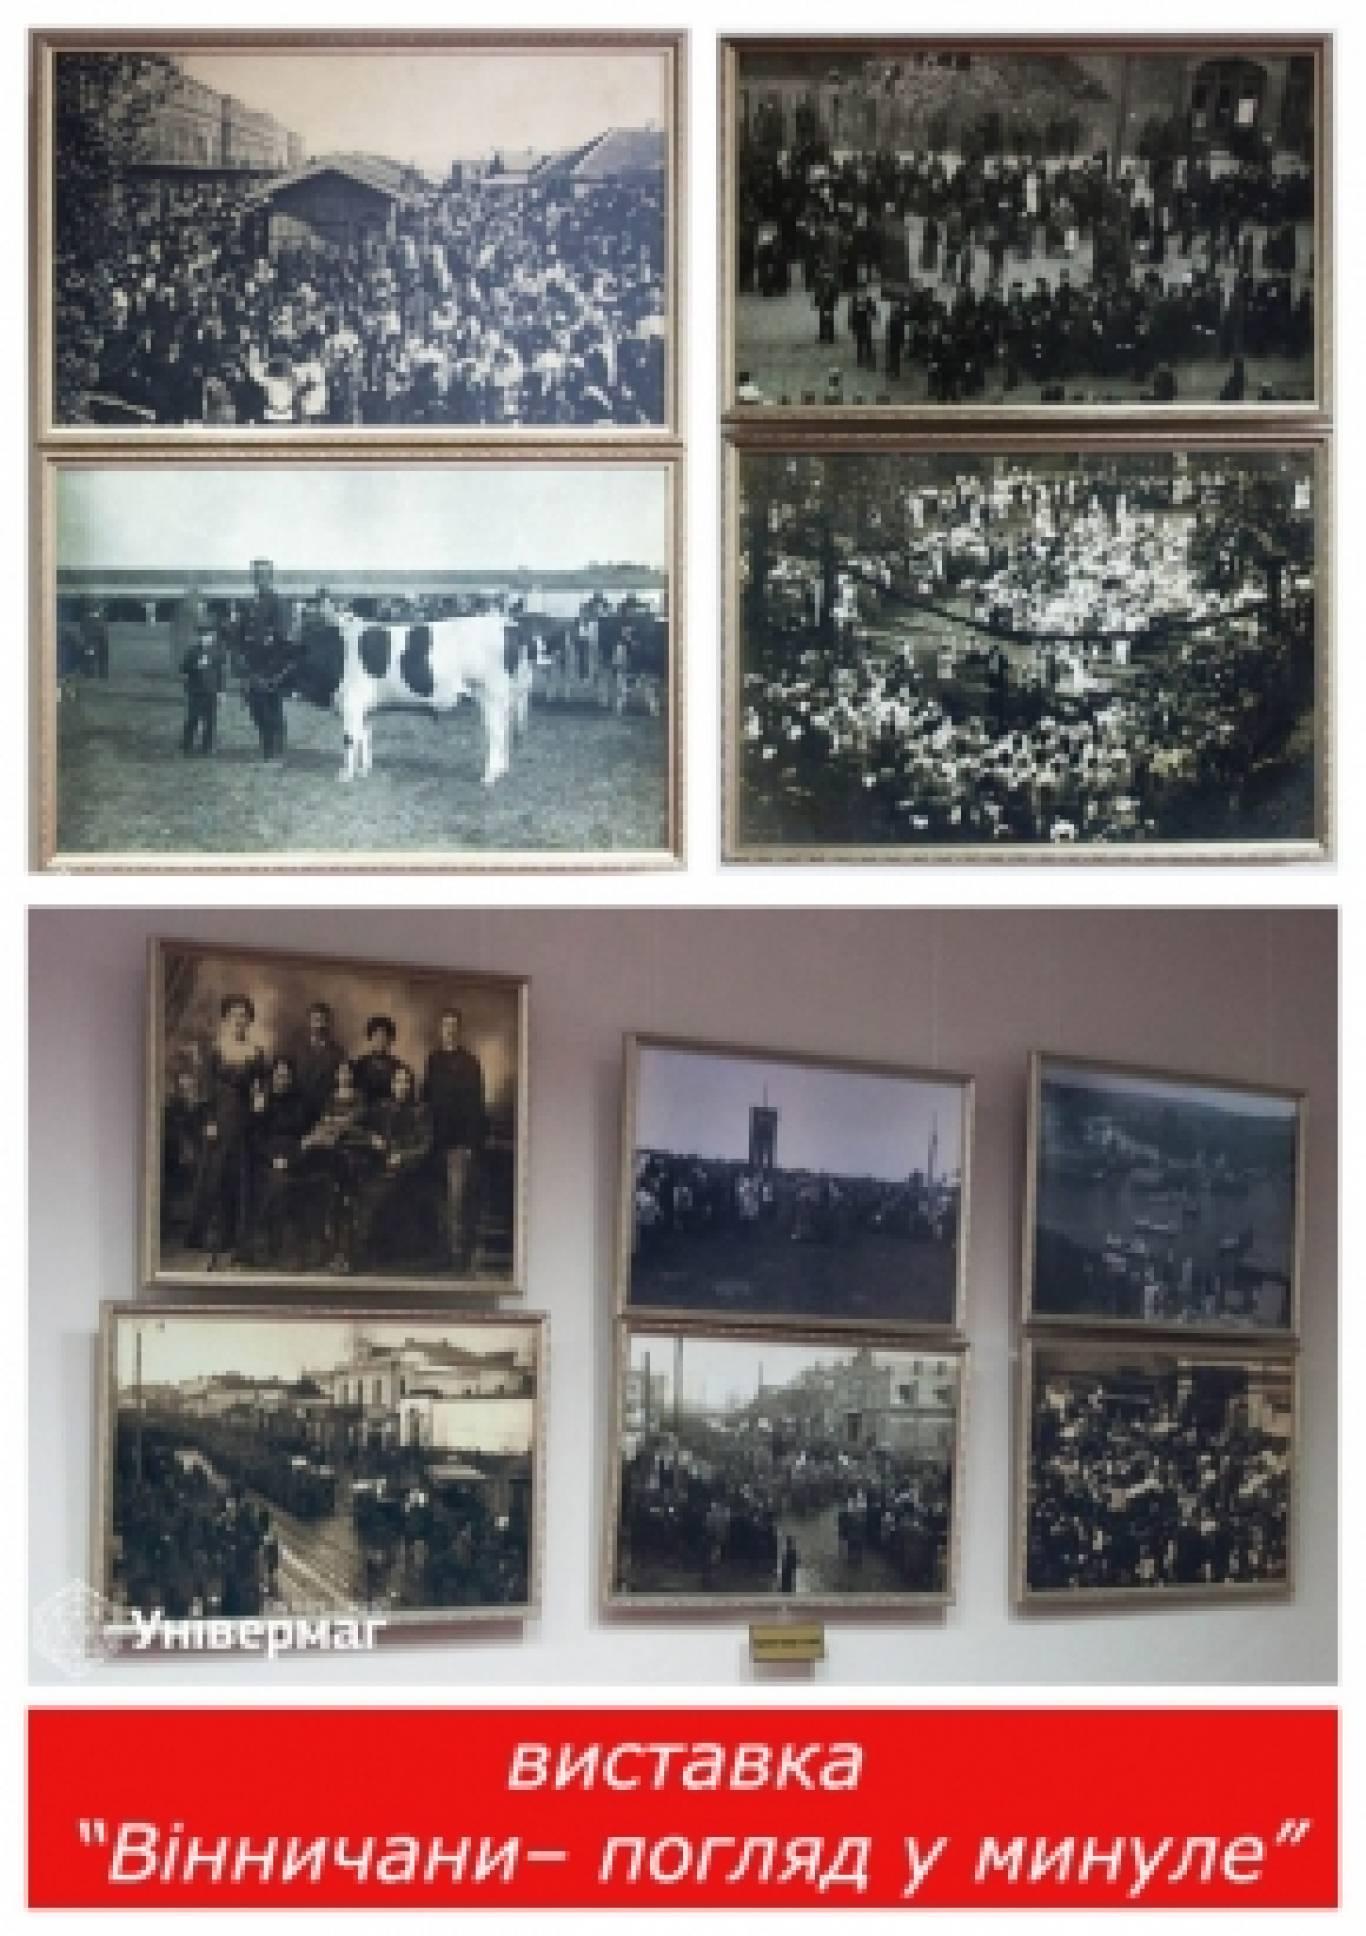 Виставка «Вінничани - погляд у минуле»